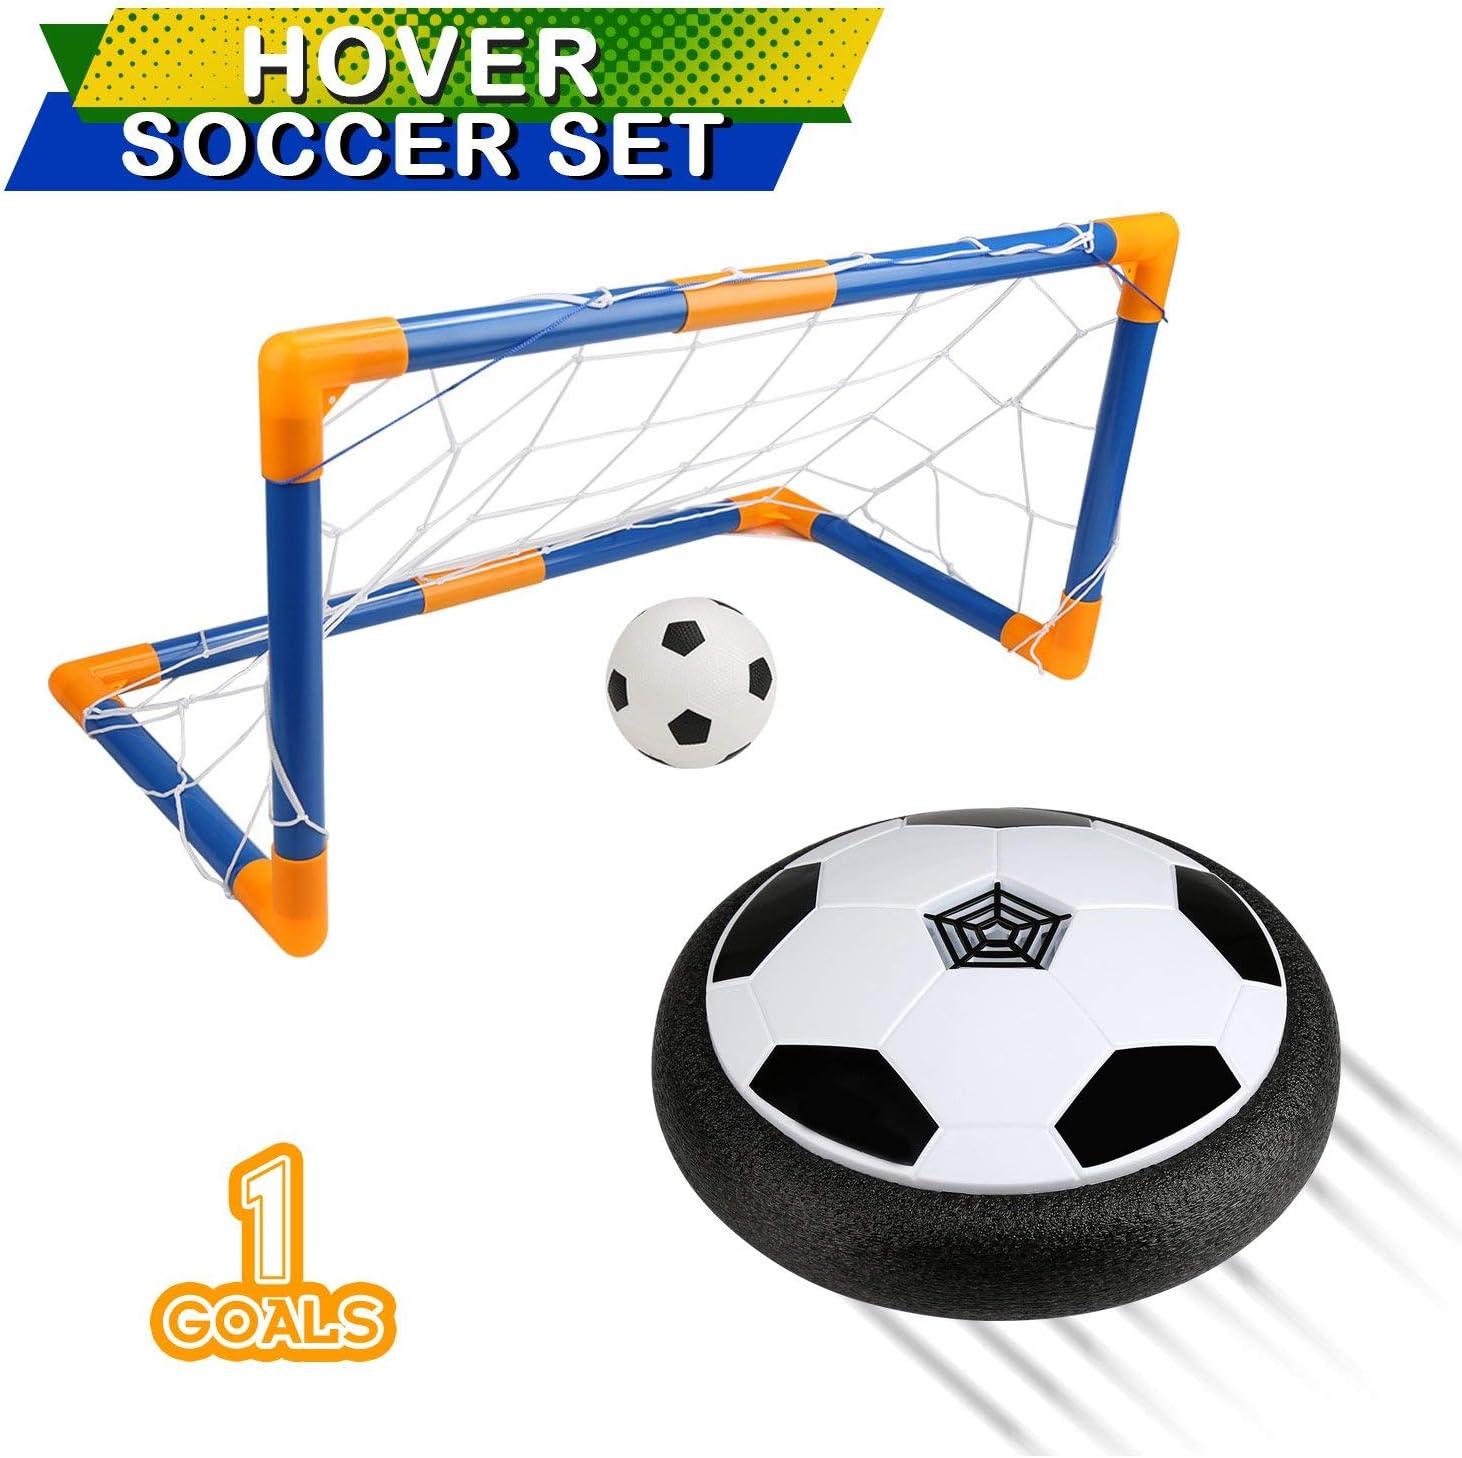 BelleStyle Air Power Soccer, Air Hover Ball Juguete Balón de Fútbol Flotante Soft Foam Bumpers con Luces LED y Música Hover Fútbol Juego Interior al Aire Libre